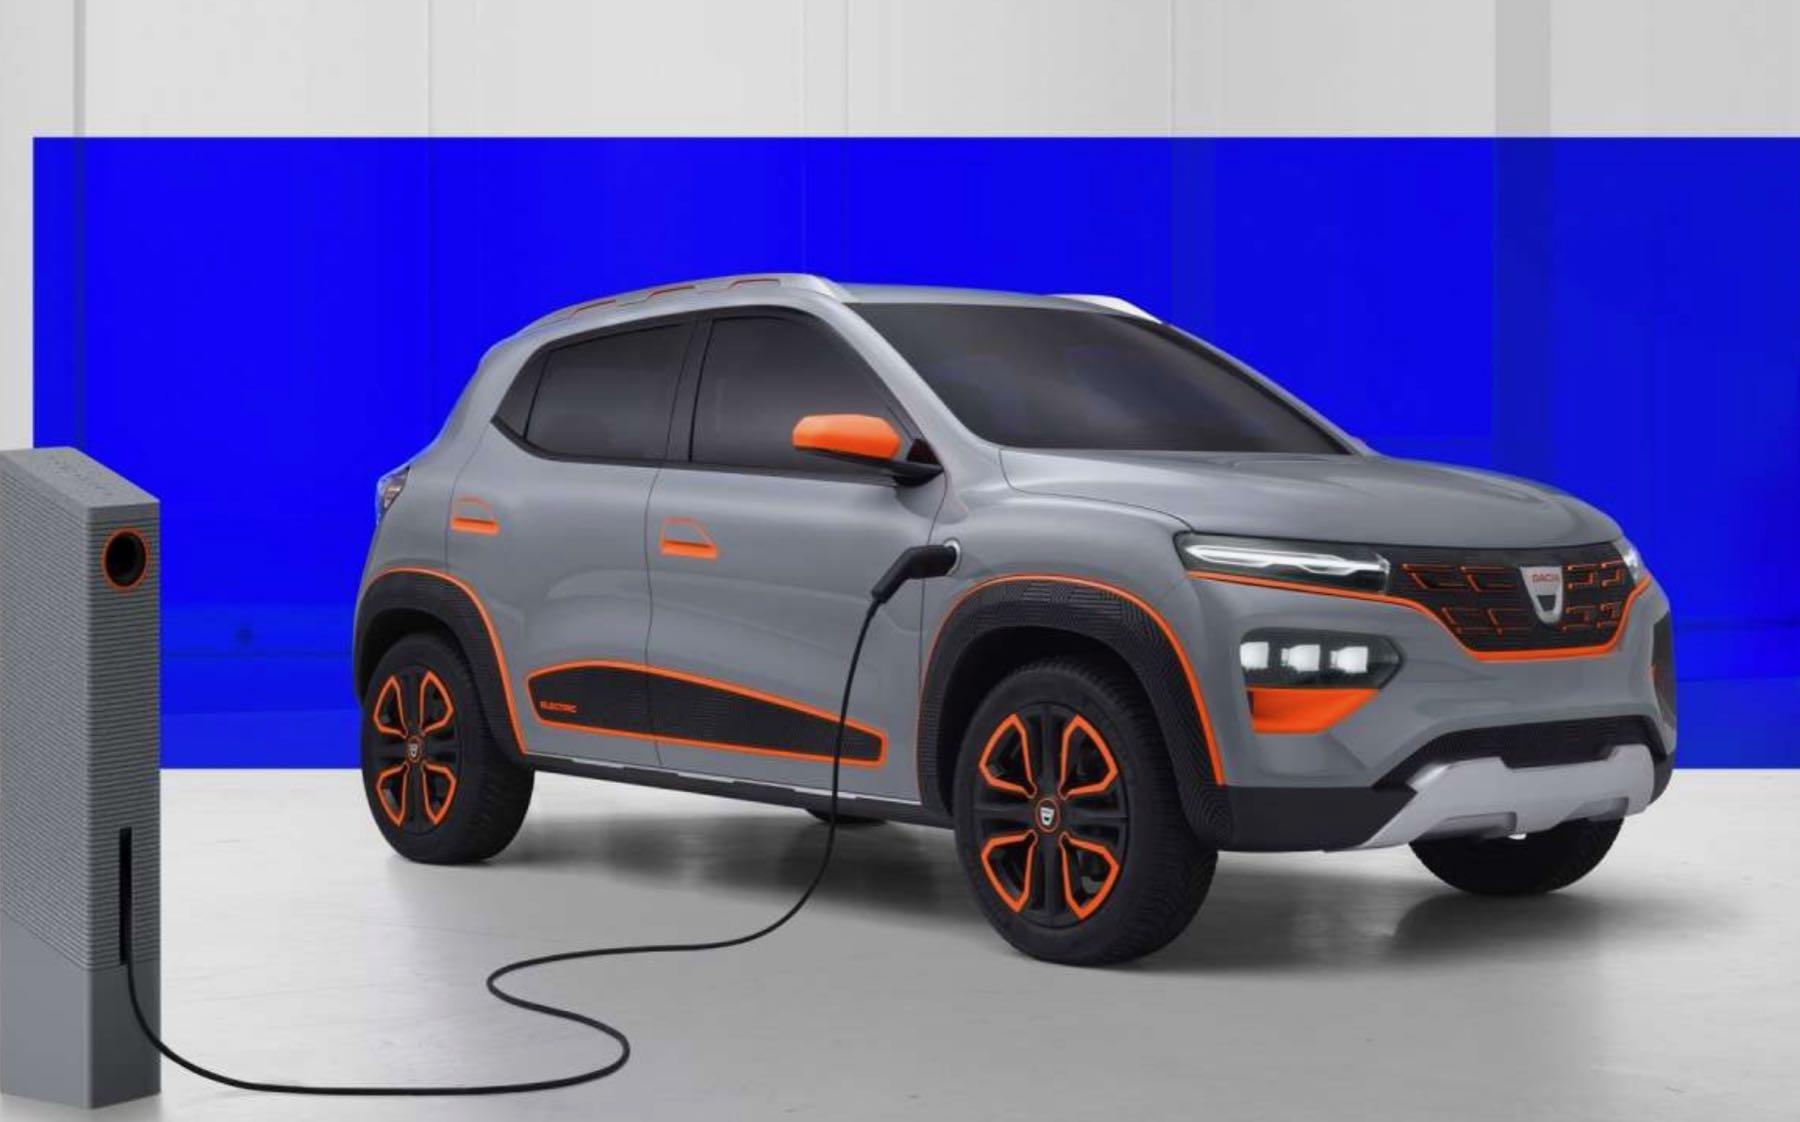 Dacia va dévoiler sa voiture électrique à moins de 10.000 euros